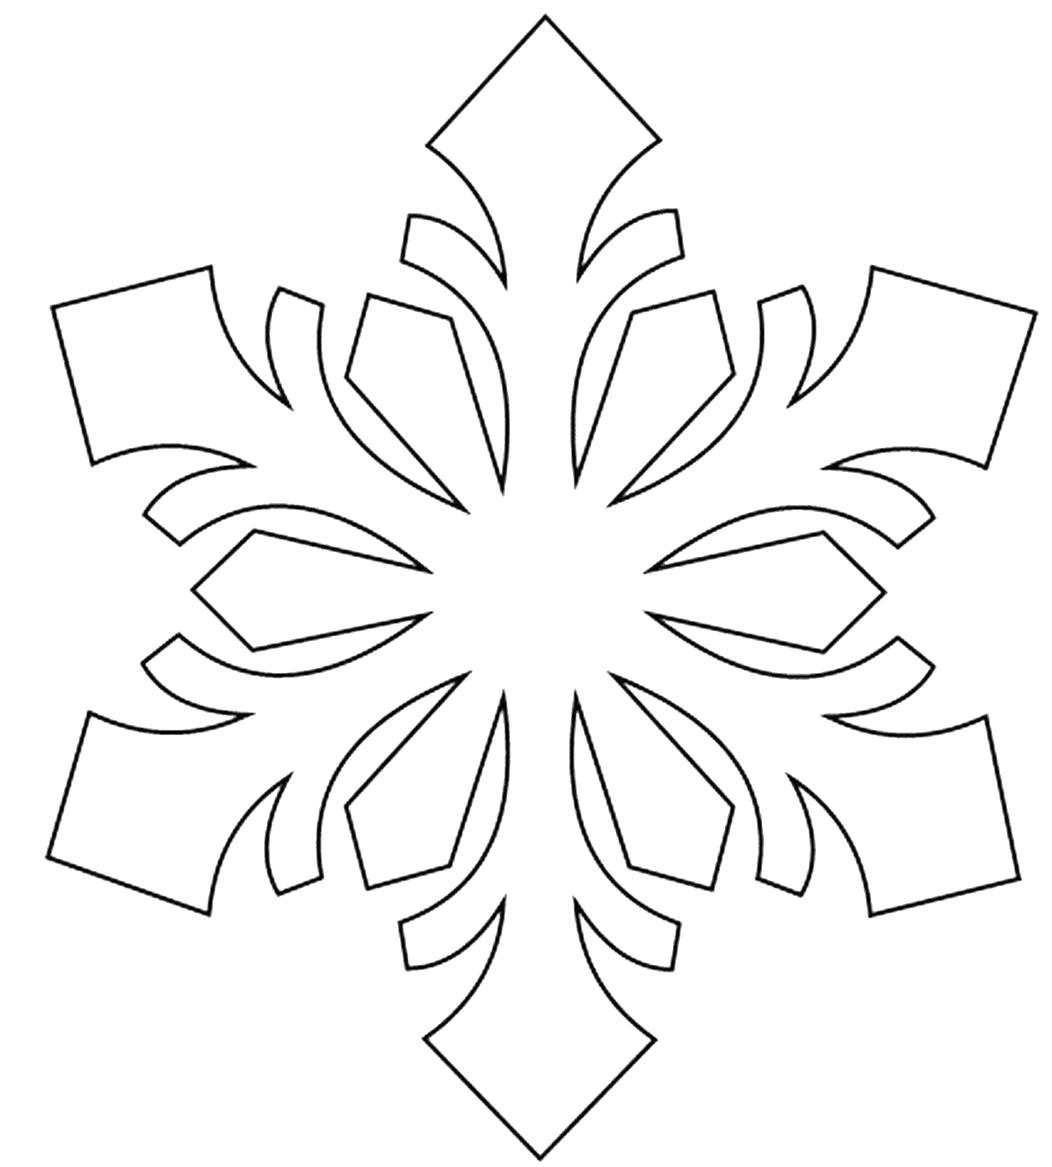 вернулся картинки снежинок для распечатки и вырезания неизвестной причине ноги